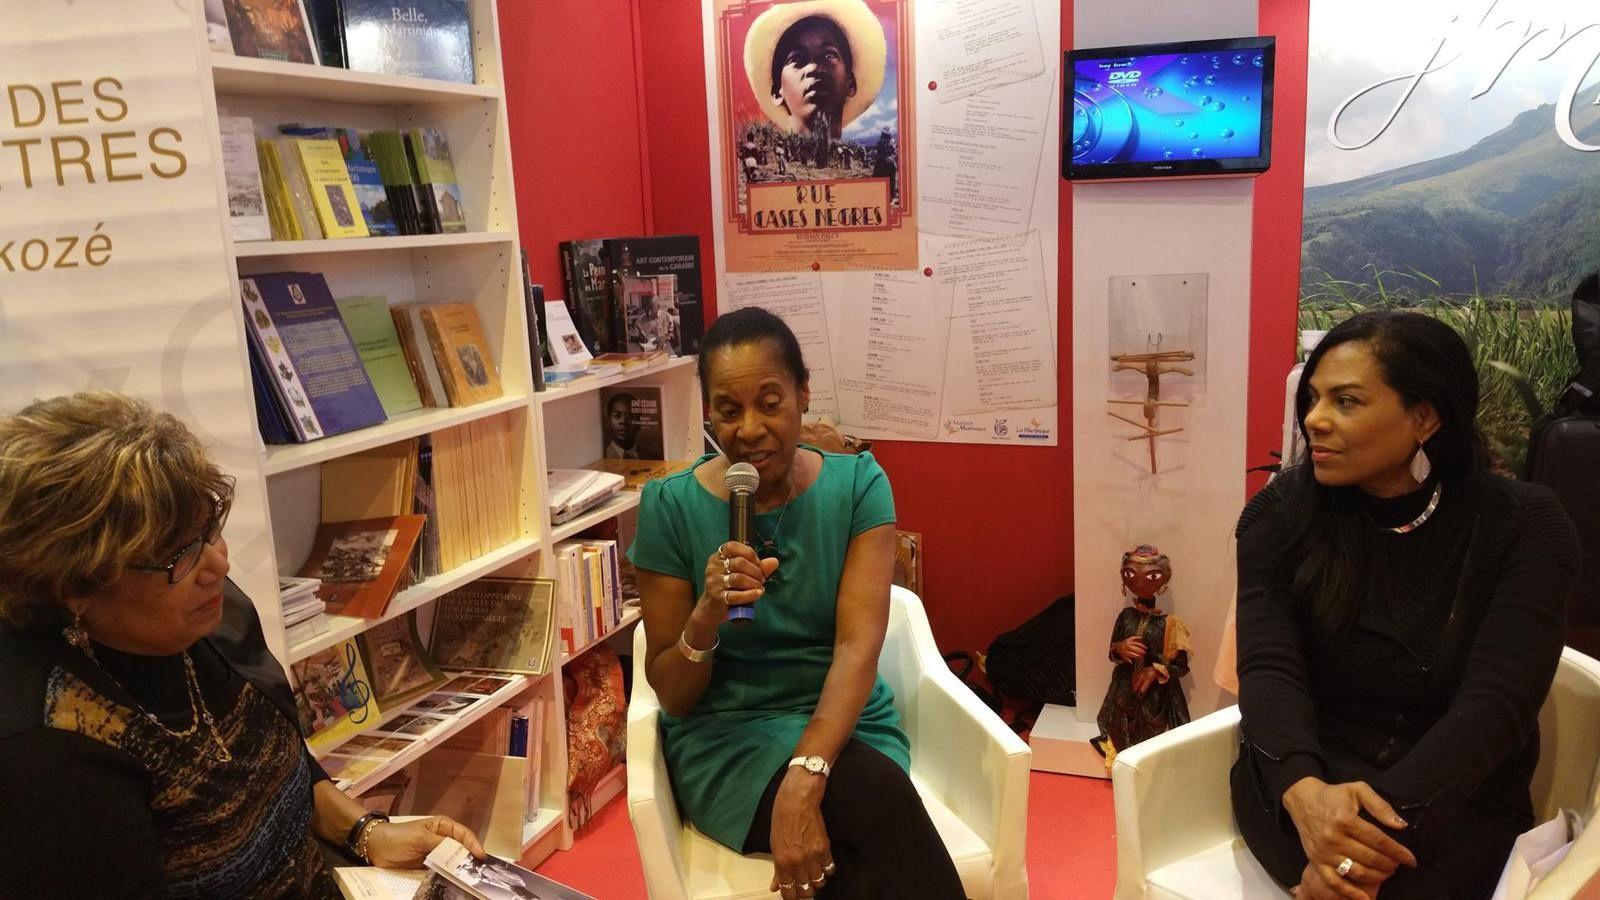 Rencontre avec Euzhan PALCY, réalisatrice du film «Rue case-nègres», d'après l'œuvre de Joseph ZOBEL, par M. Amadou Bal BA - Baamadou.over-blog.fr ;